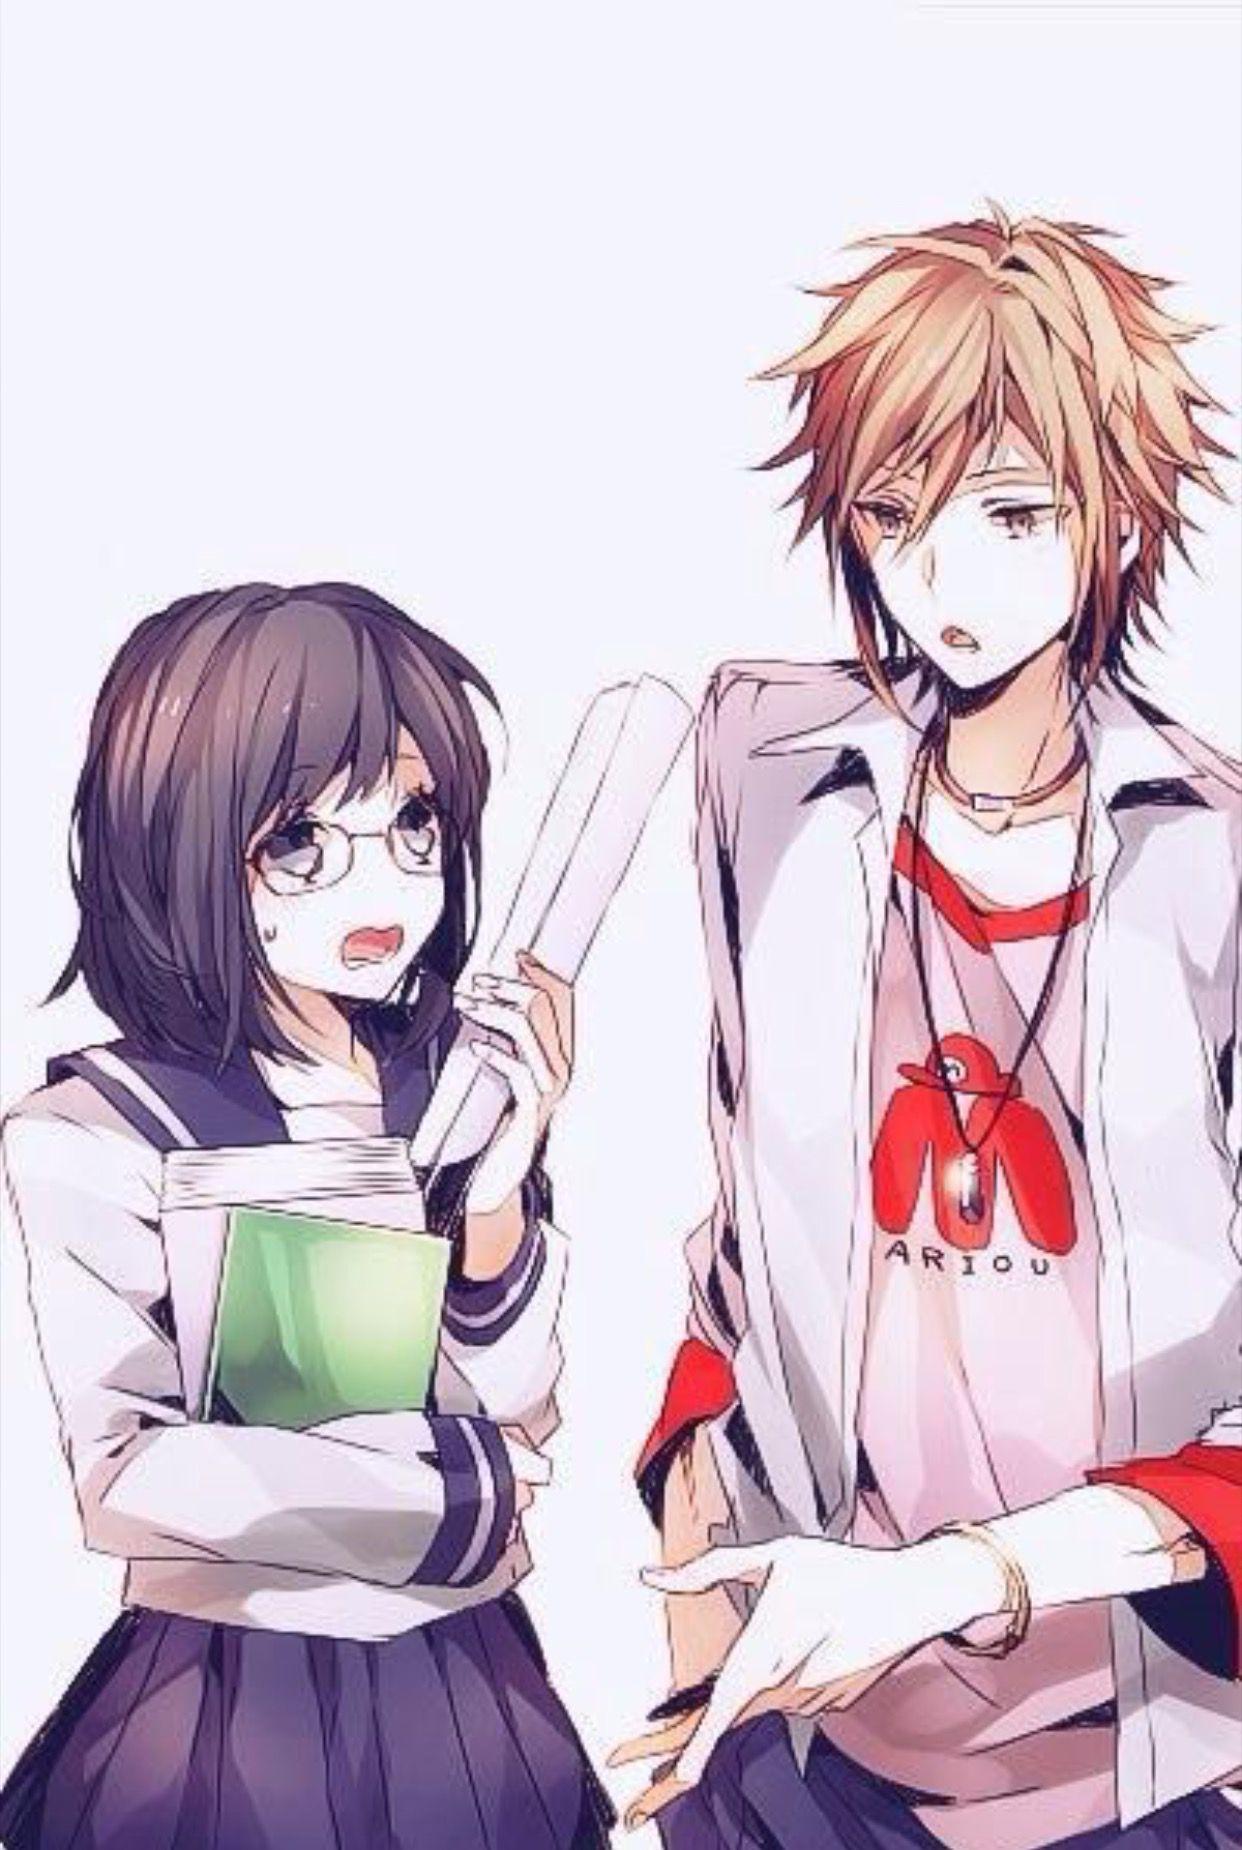 Đọc Truyện Shop ảnh anime - Phần 59 : Cặp đôi - ❤ ❤ ❤ - Wattpad - Wattpad